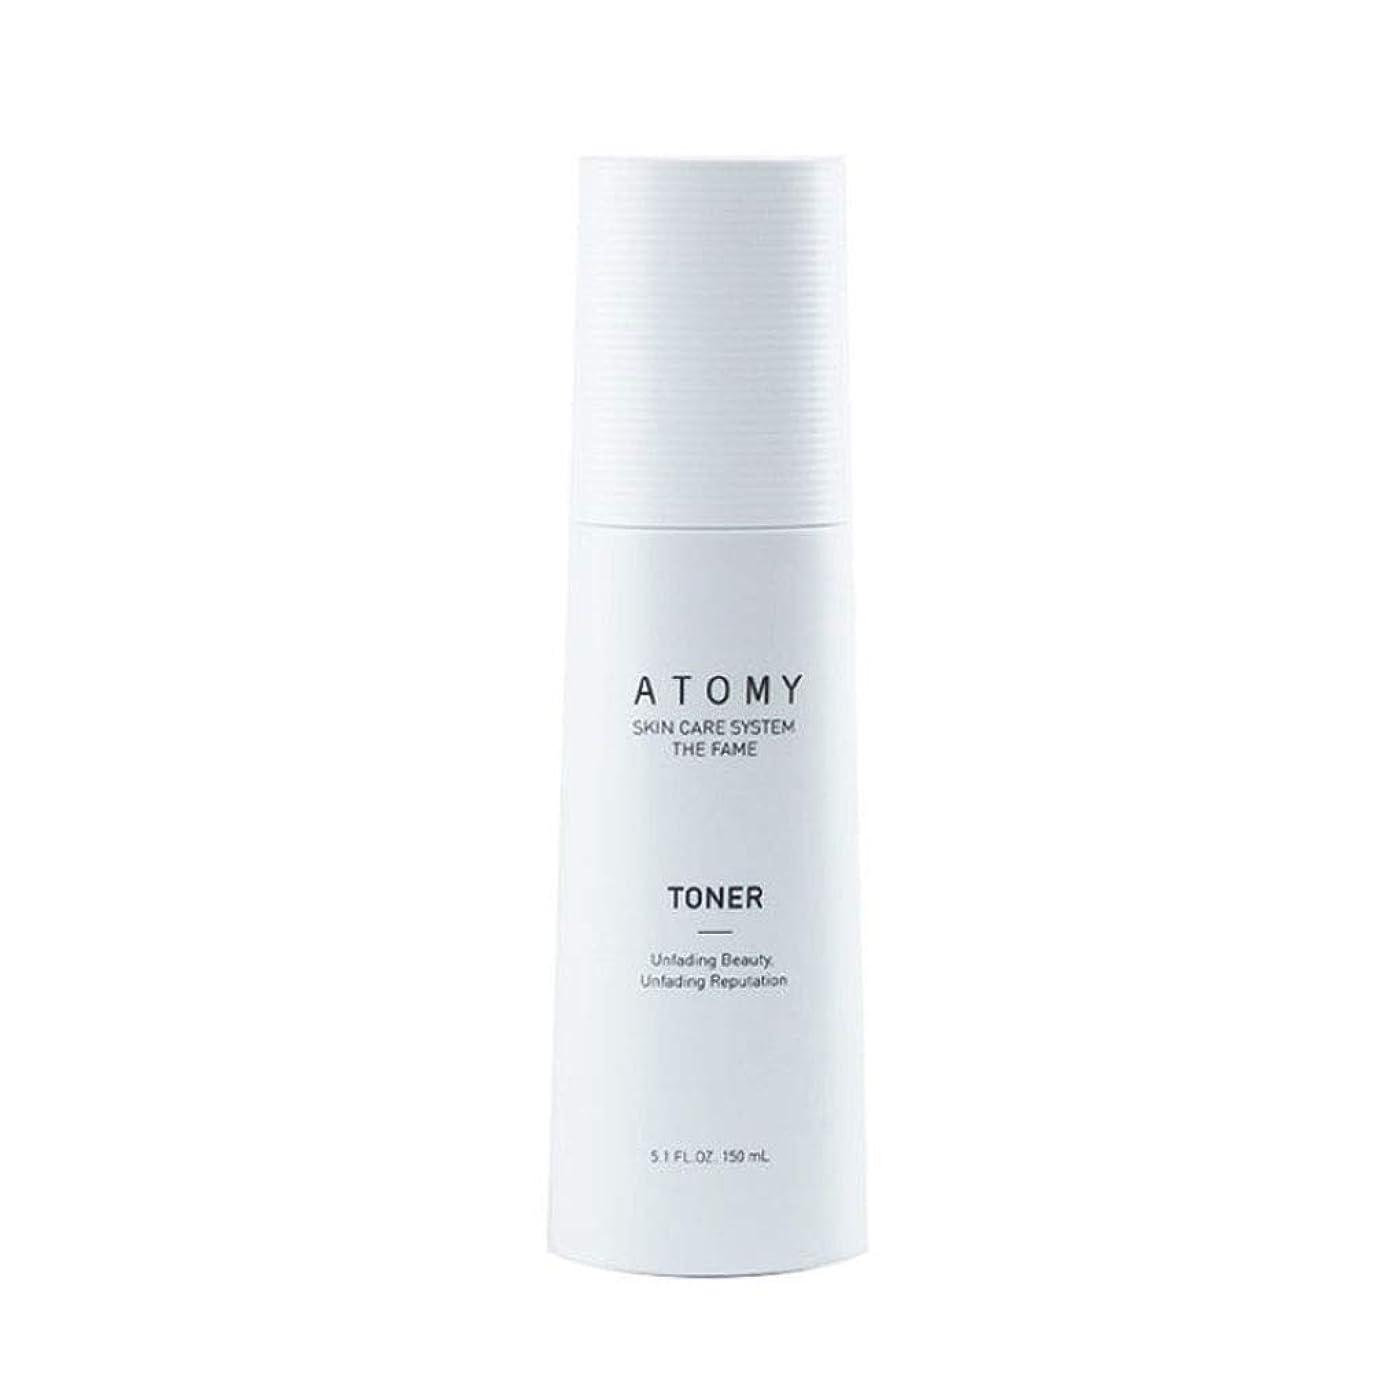 マディソンファンドレスリングアトミザ?フェームトナー150ml韓国コスメ、Atomy The Fame Toner 150ml Korean Cosmetics [並行輸入品]